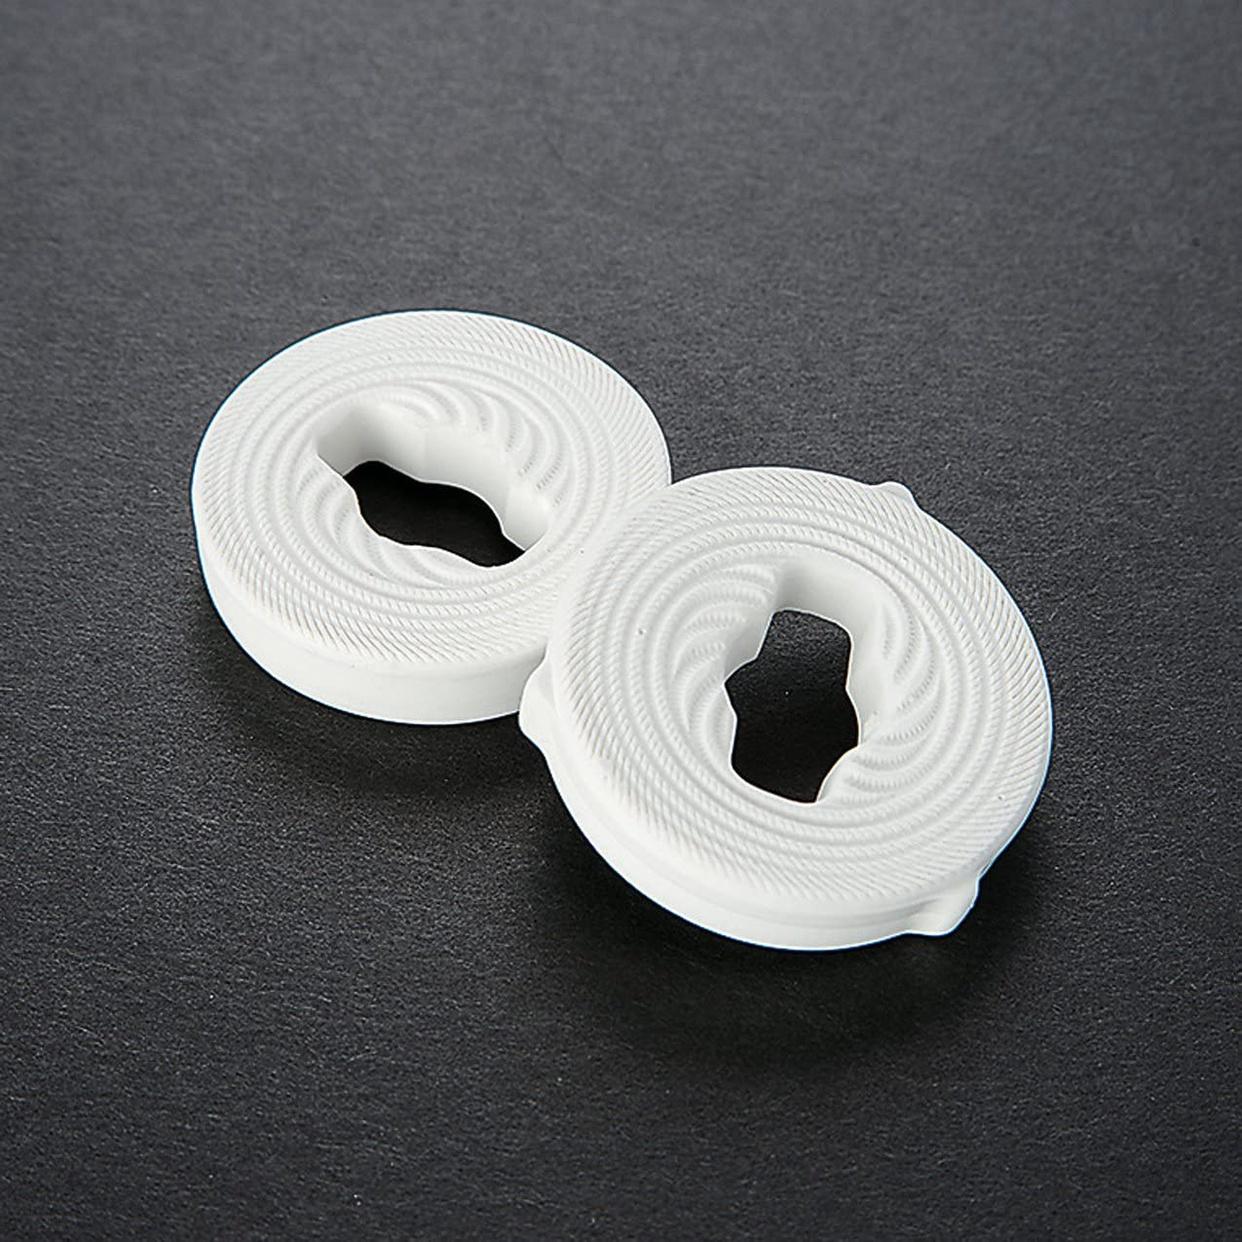 川﨑合成樹脂(KAWASAKI PLASTICS) MILLUセラミックお茶ミル MI-001の商品画像5